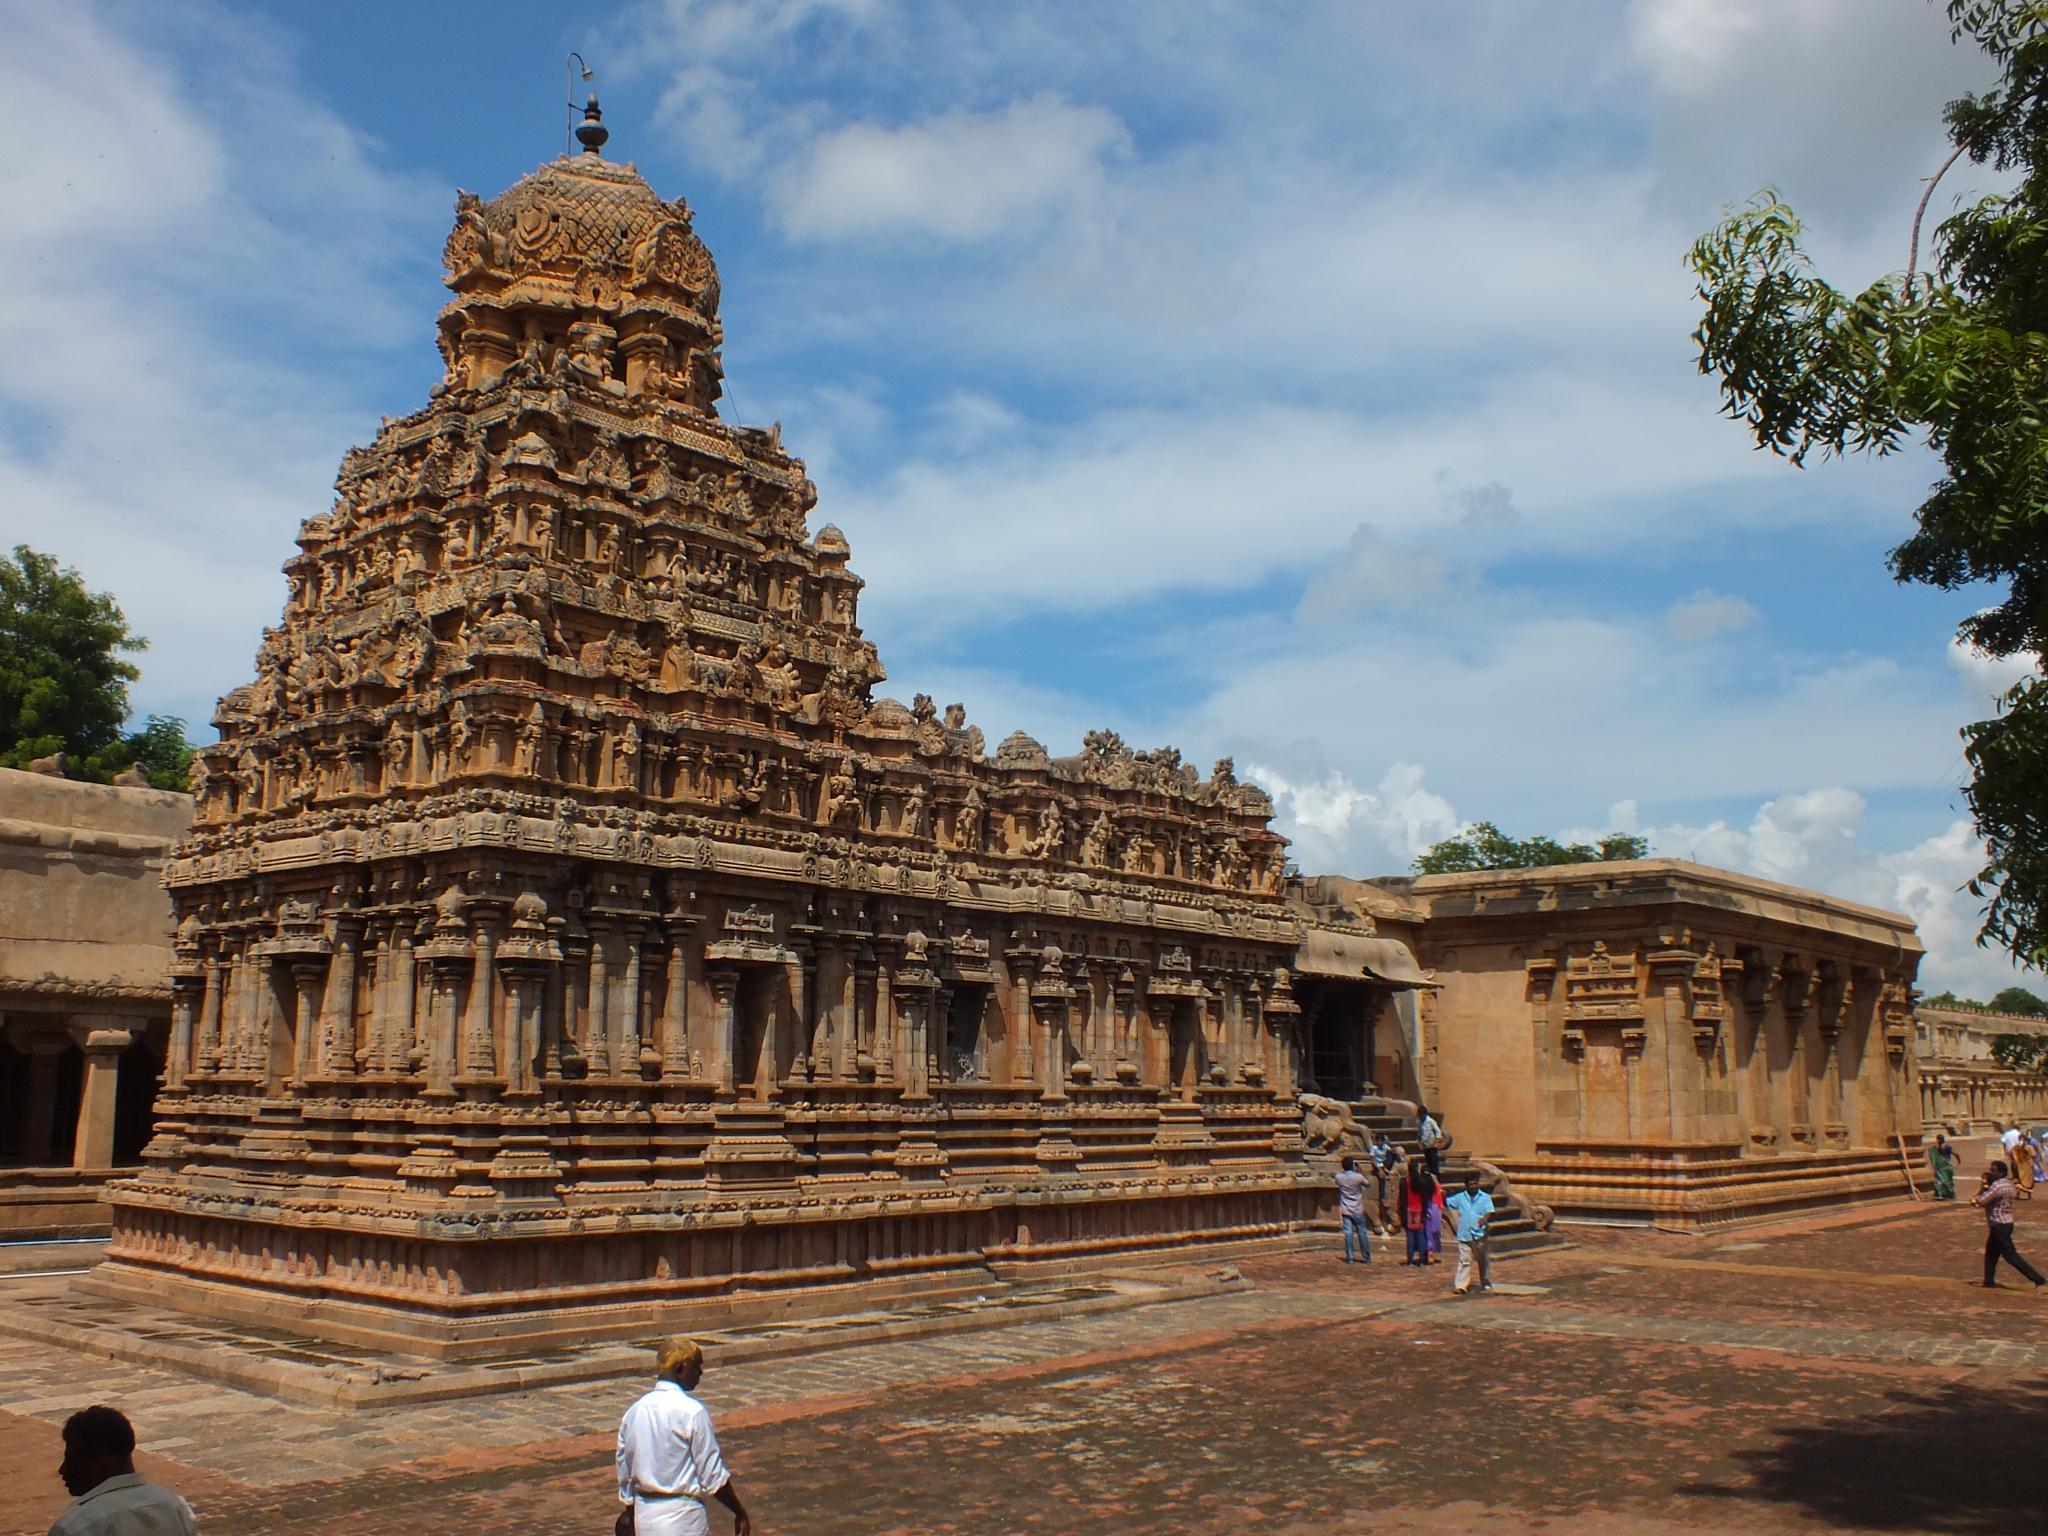 Tanjavur temple by Mainak Adak